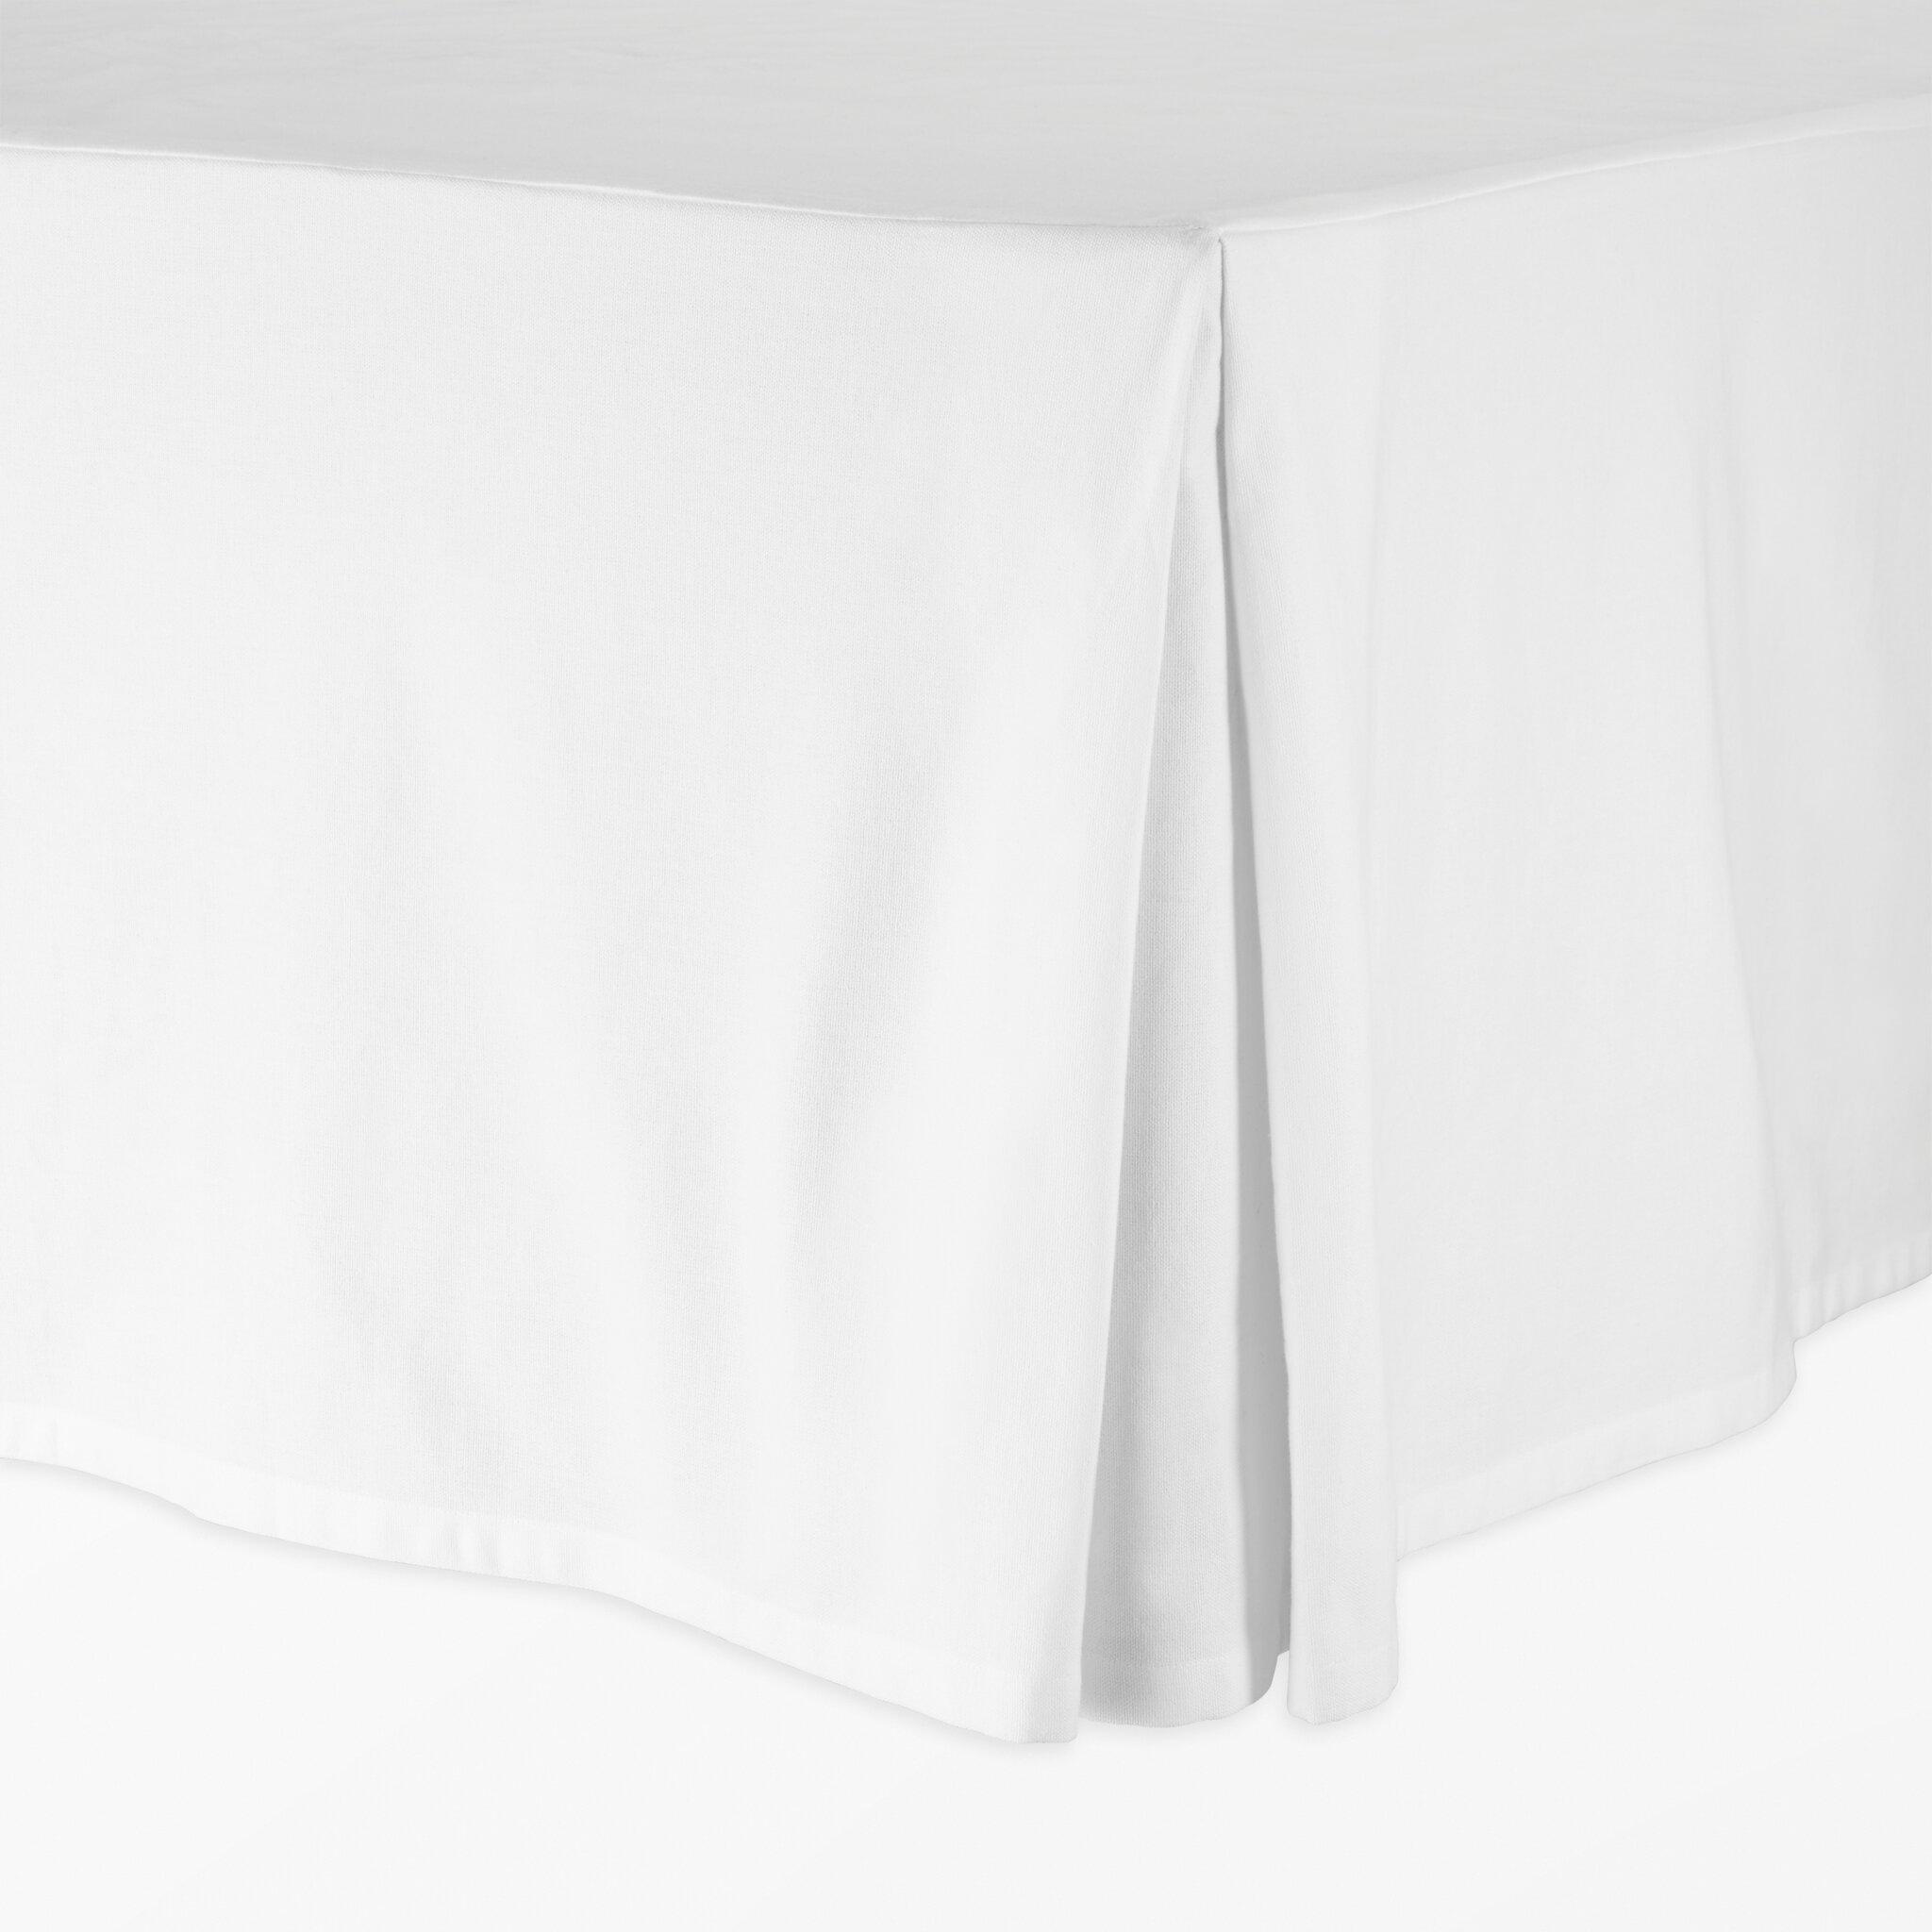 Sängkappa Järvsö, 180x200 cm